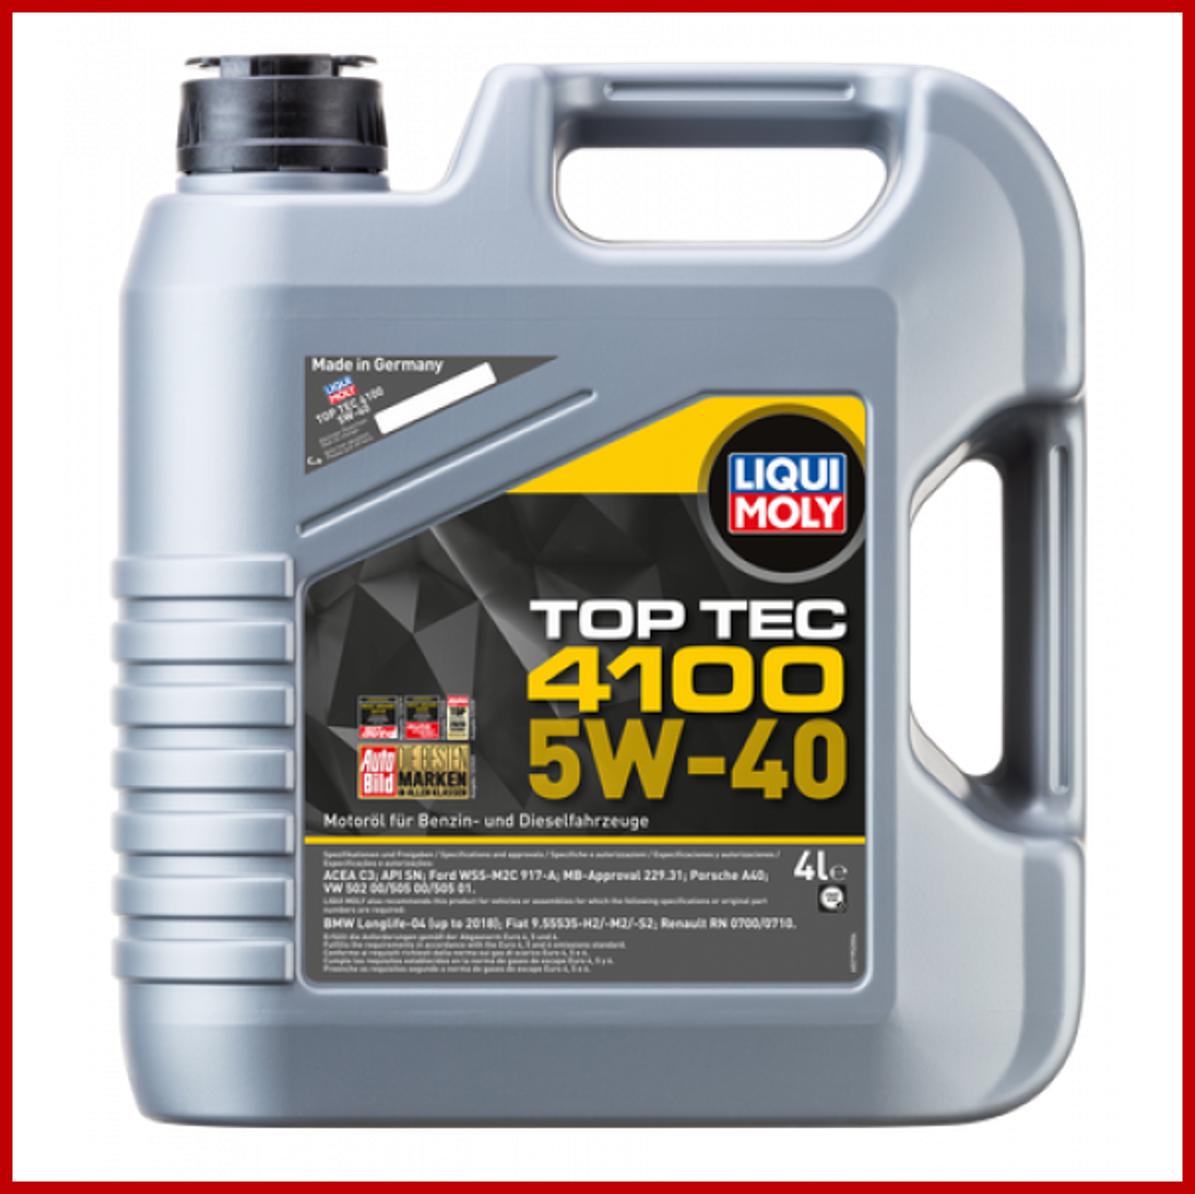 LIQUI MOLY Top Tec 4100 5W40 (4L)